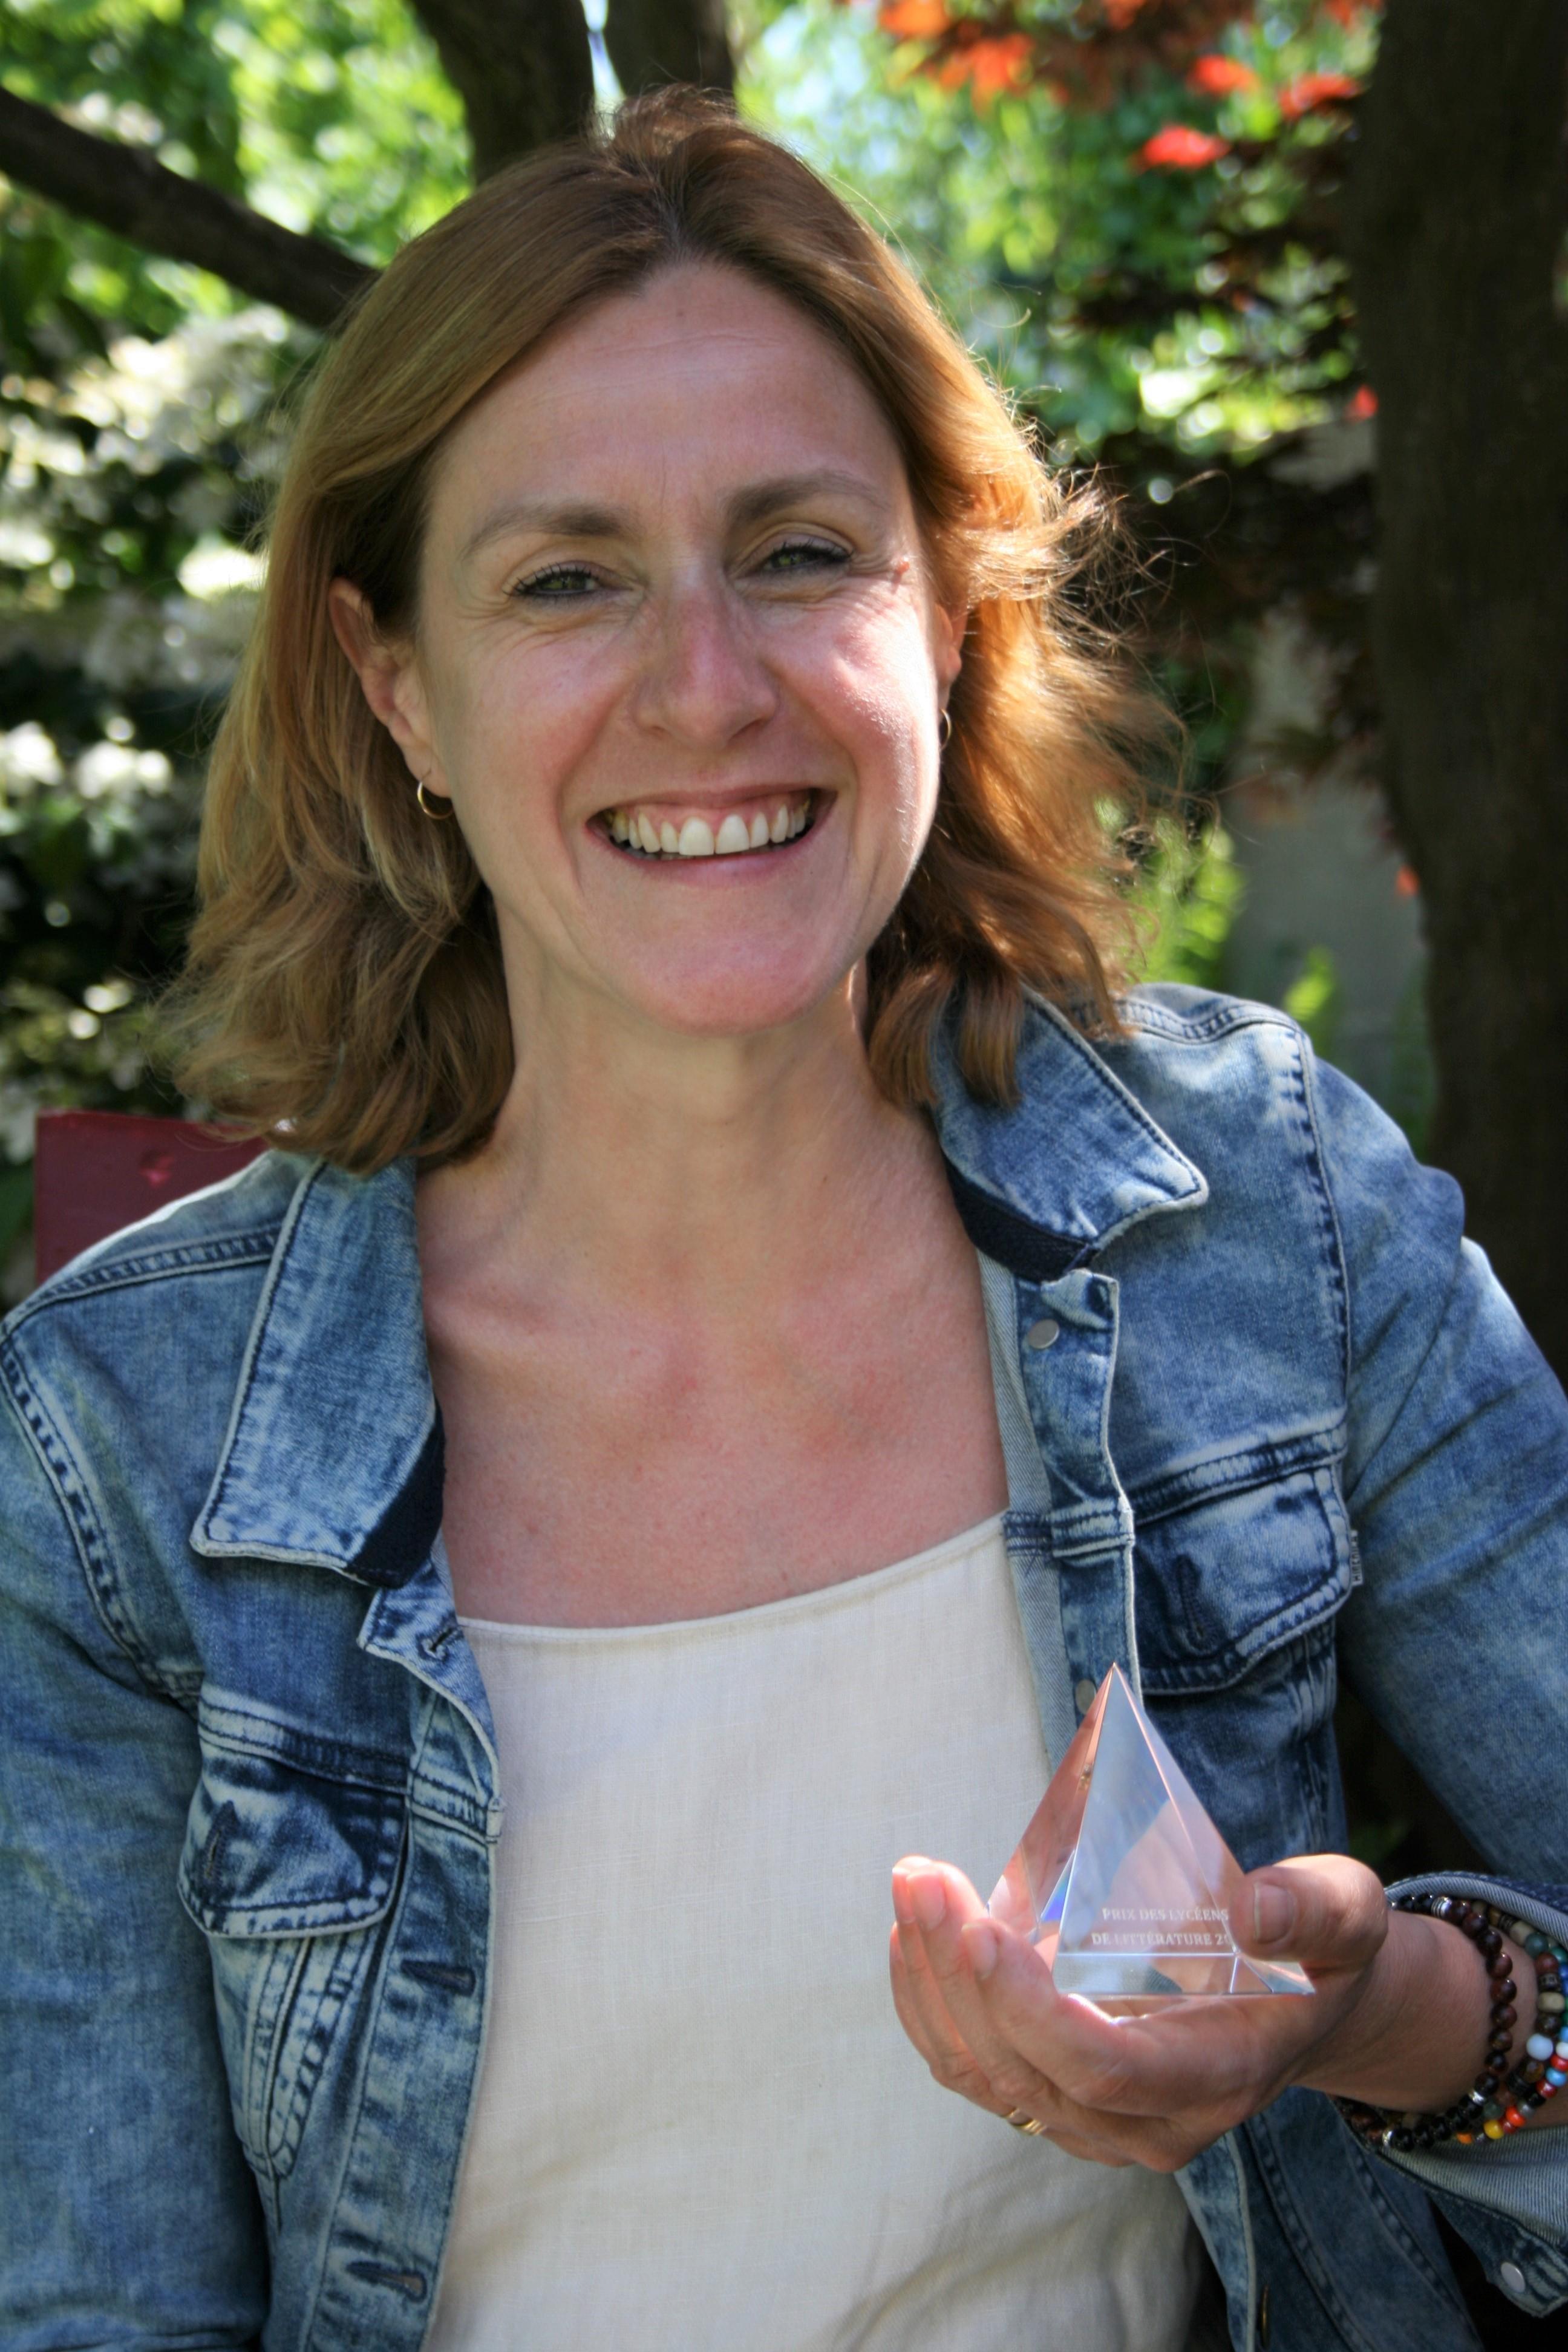 L'autrice Geneviève Damas reçoit le Prix des lycéens 2021